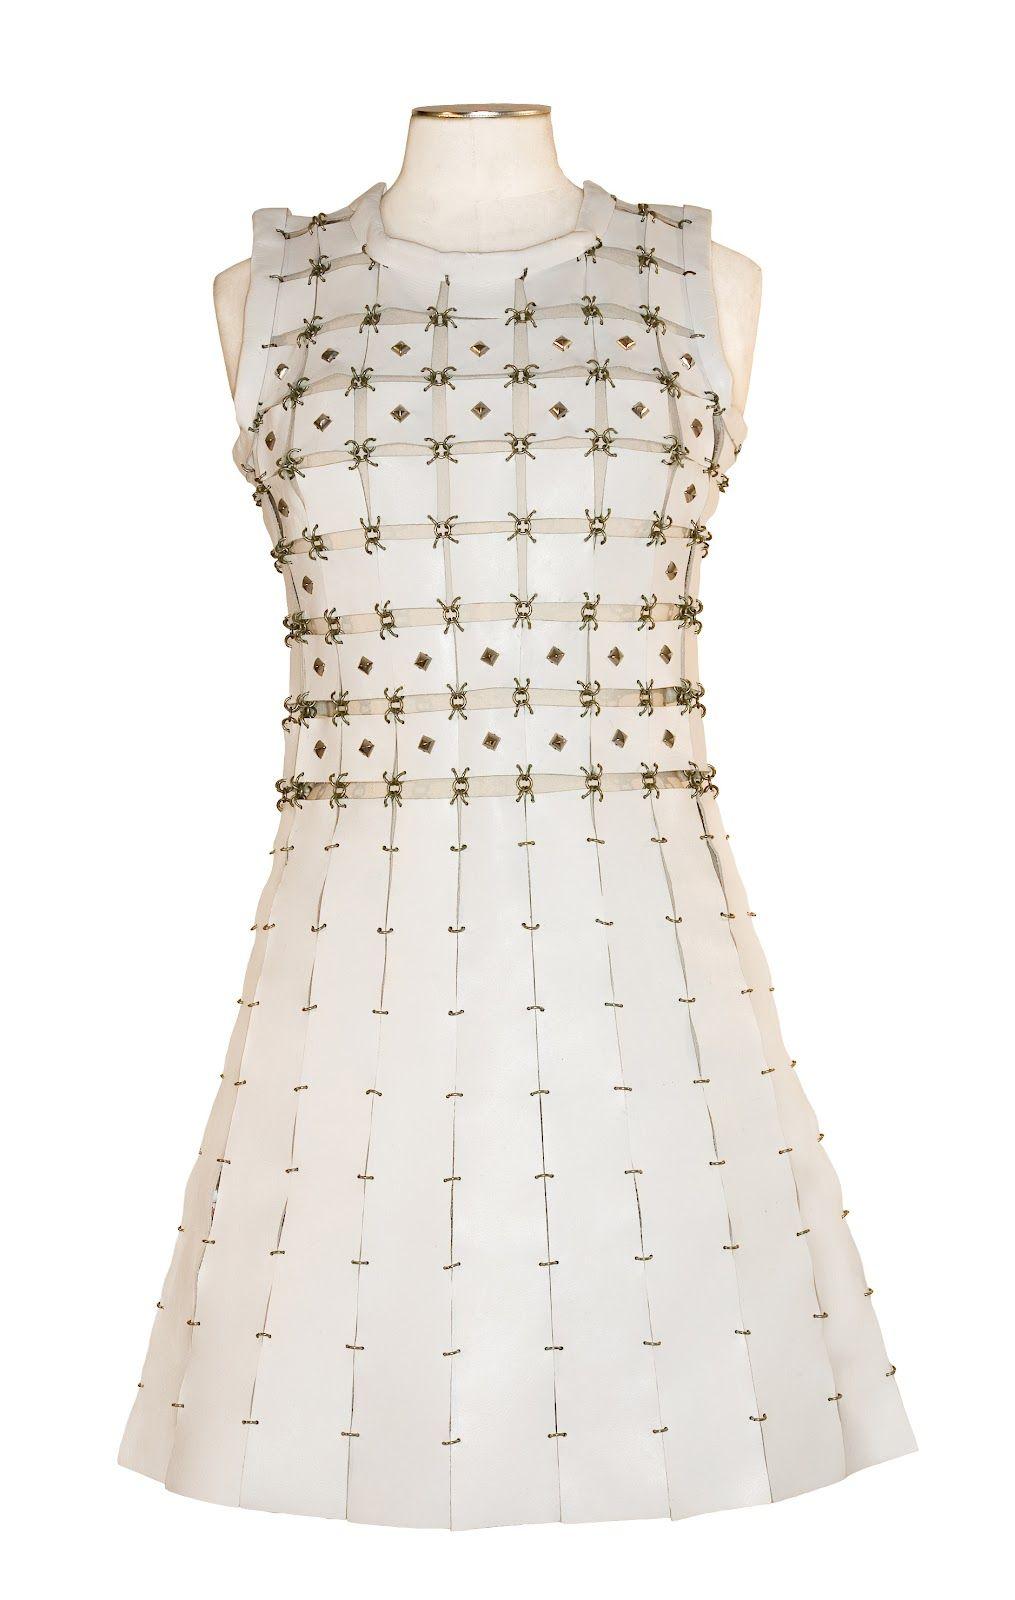 5683b1b057a2a Paco Rabanne 60's designs | cut-out dress. 1960's) | 60s | Fashion ...